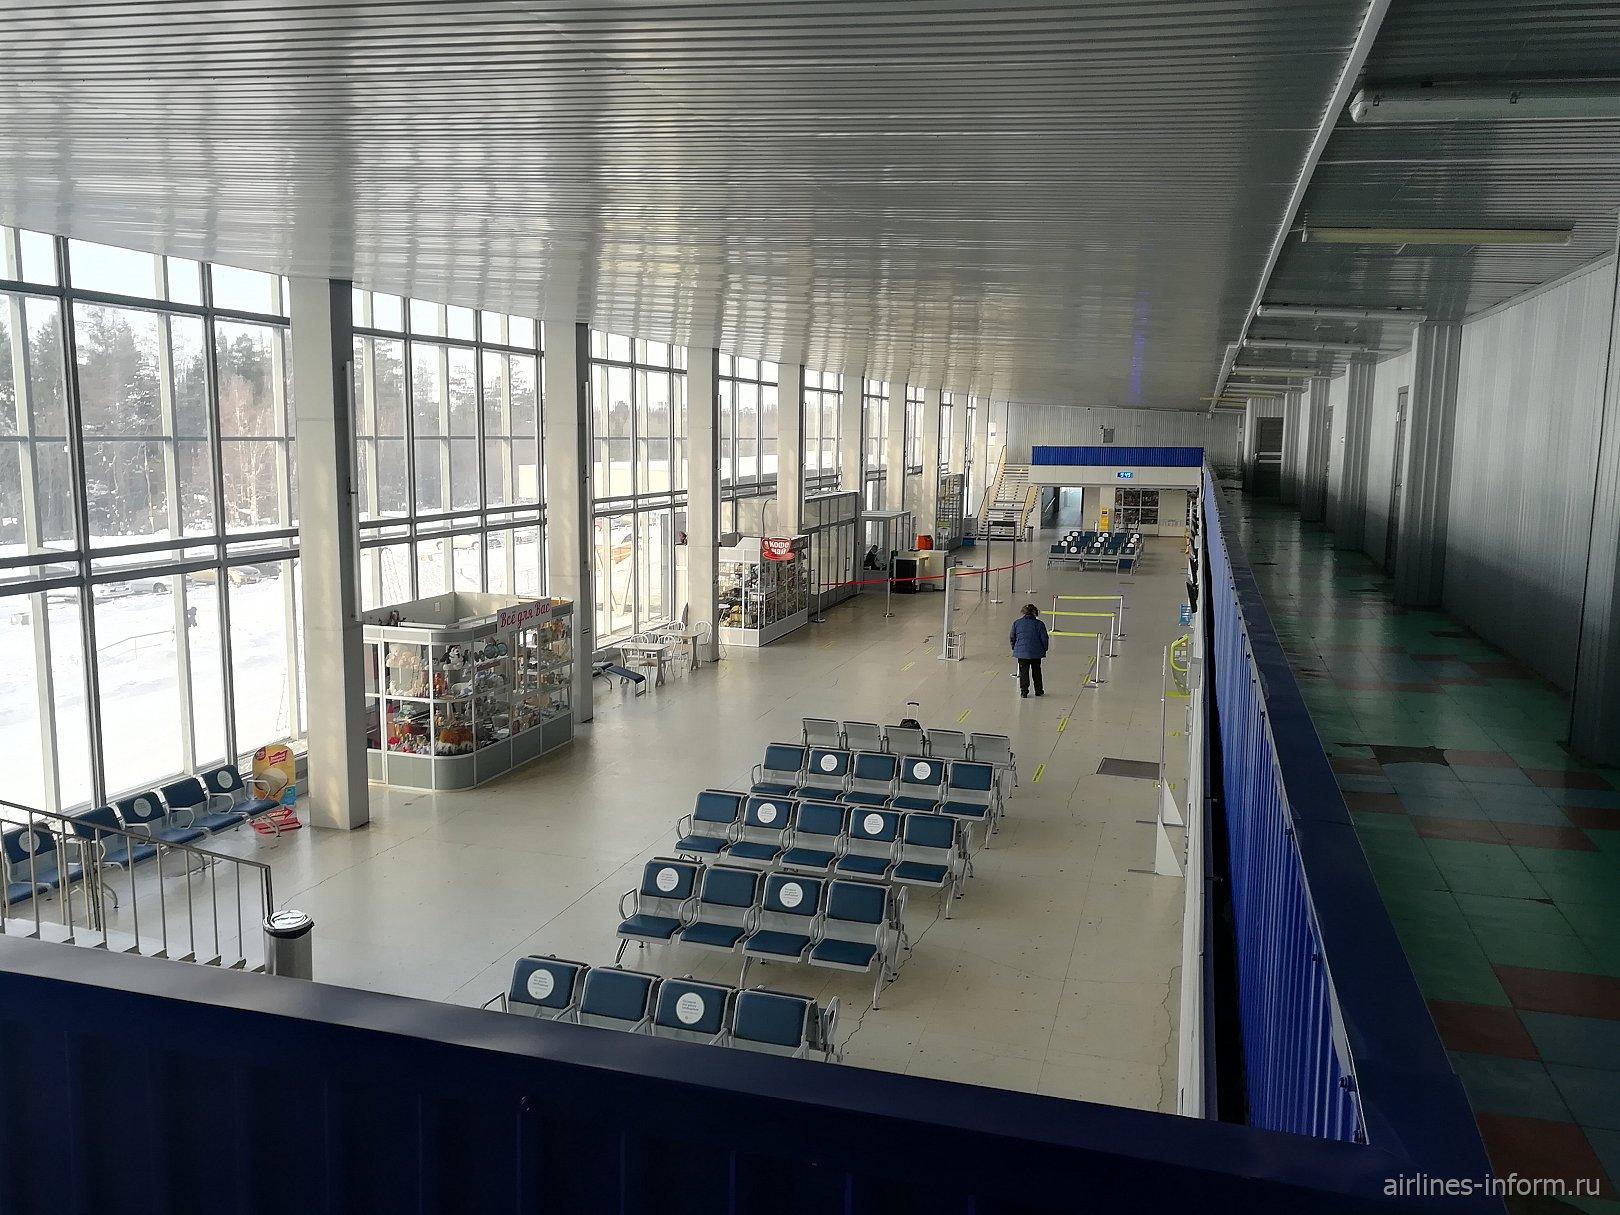 Общий вид внутри аэровокзала аэропорта Братск